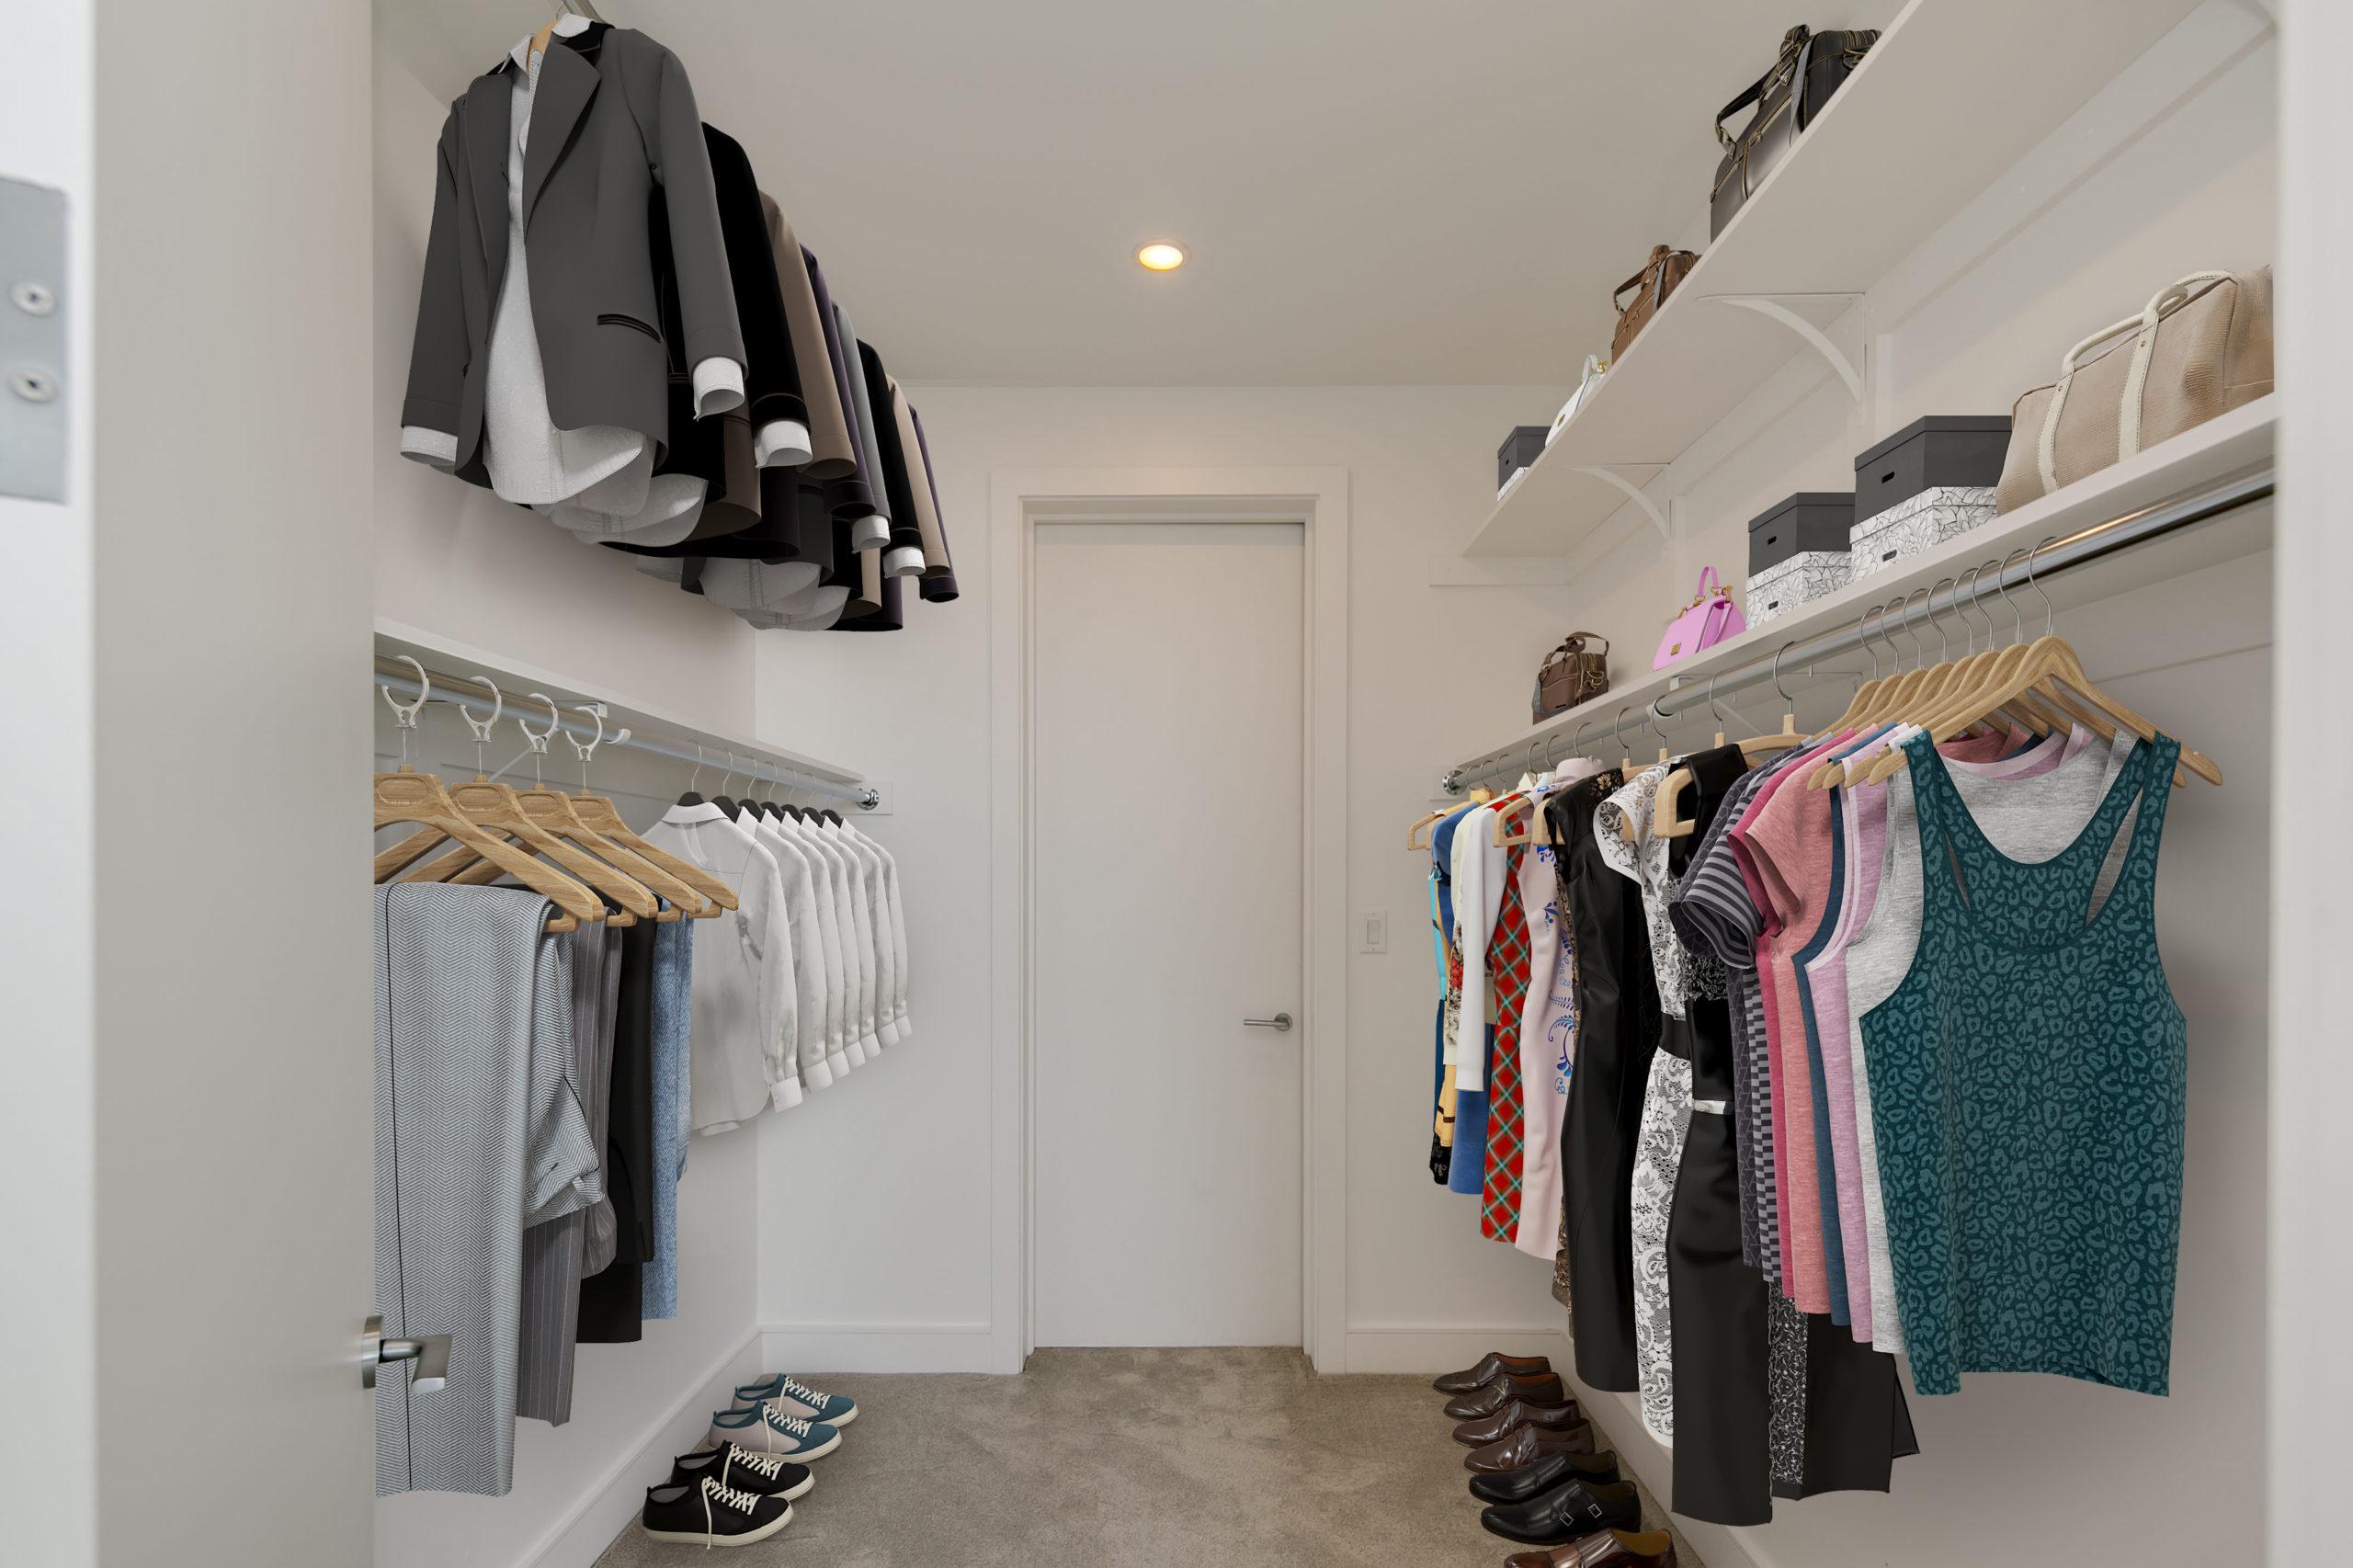 A photo of a walk-in closet